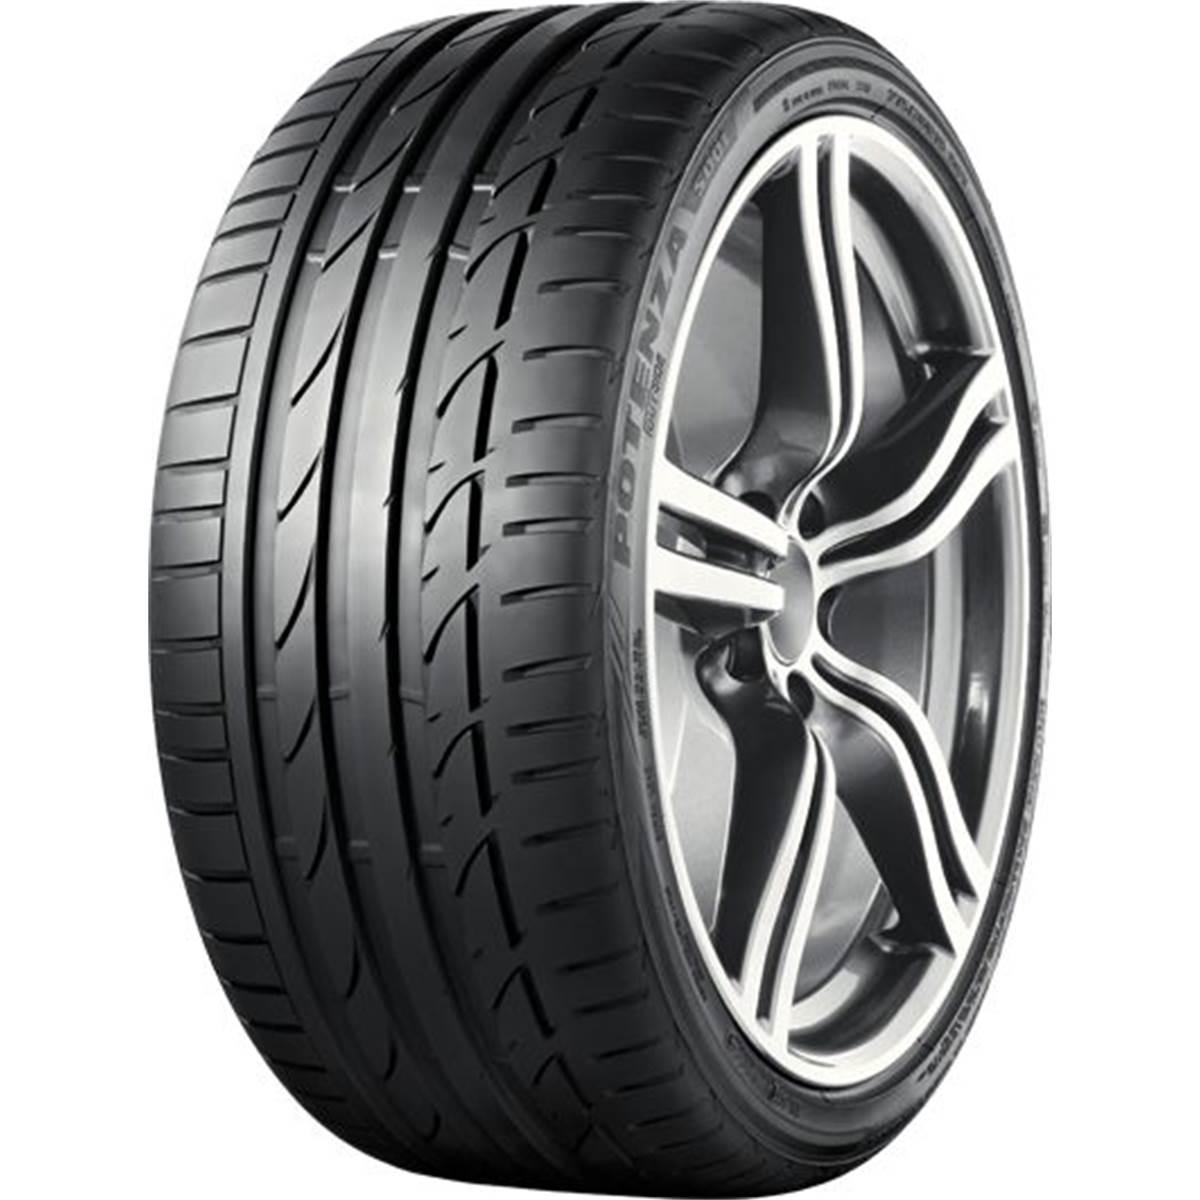 Pneu Bridgestone 245/40R18 97Y Potenza S001 XL